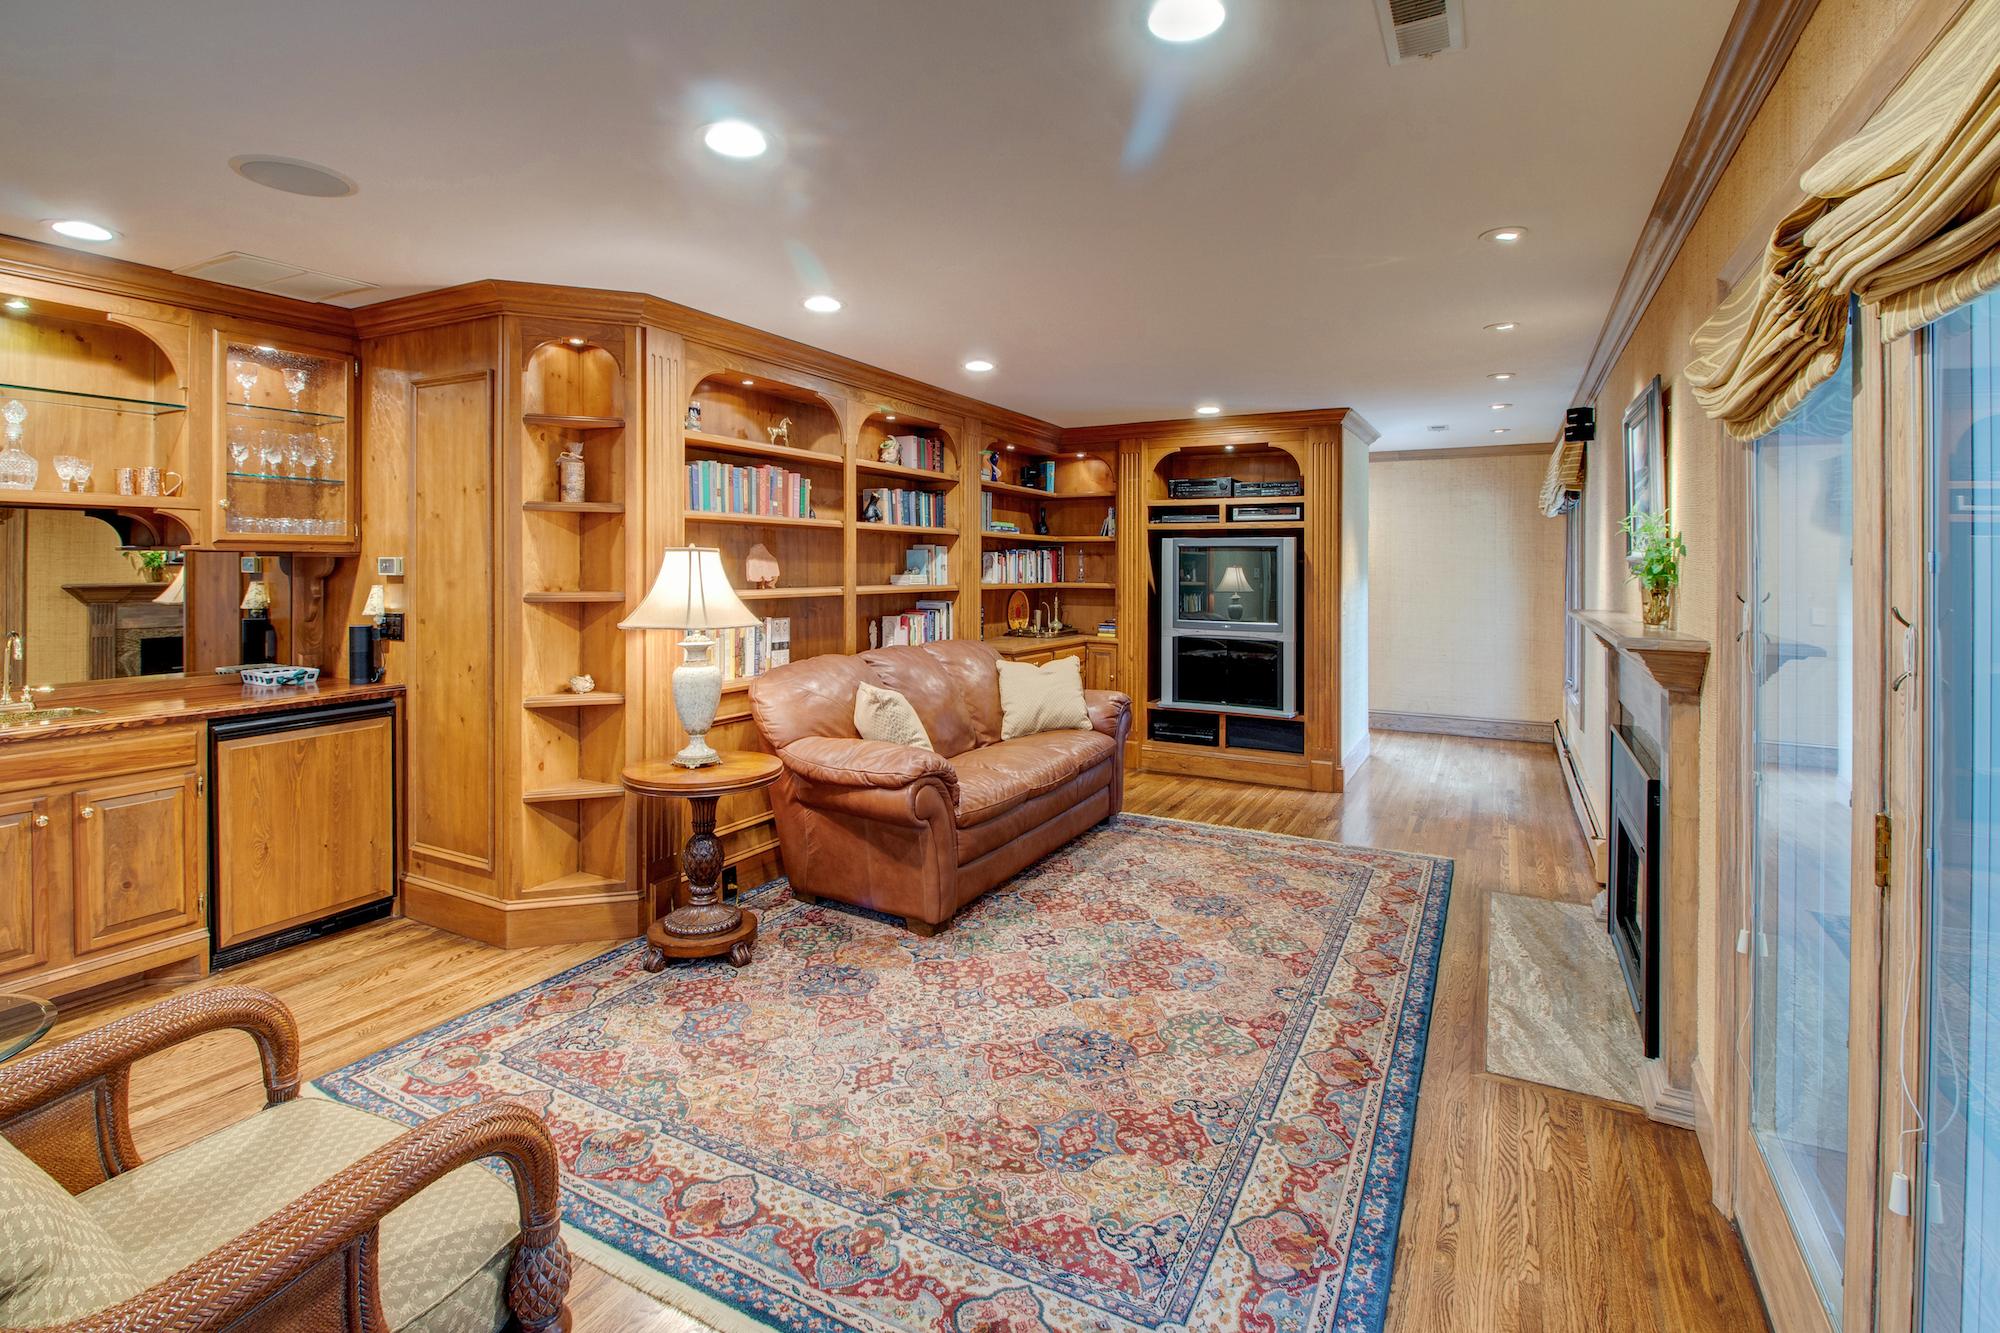 6-Family room off kitchen.jpg